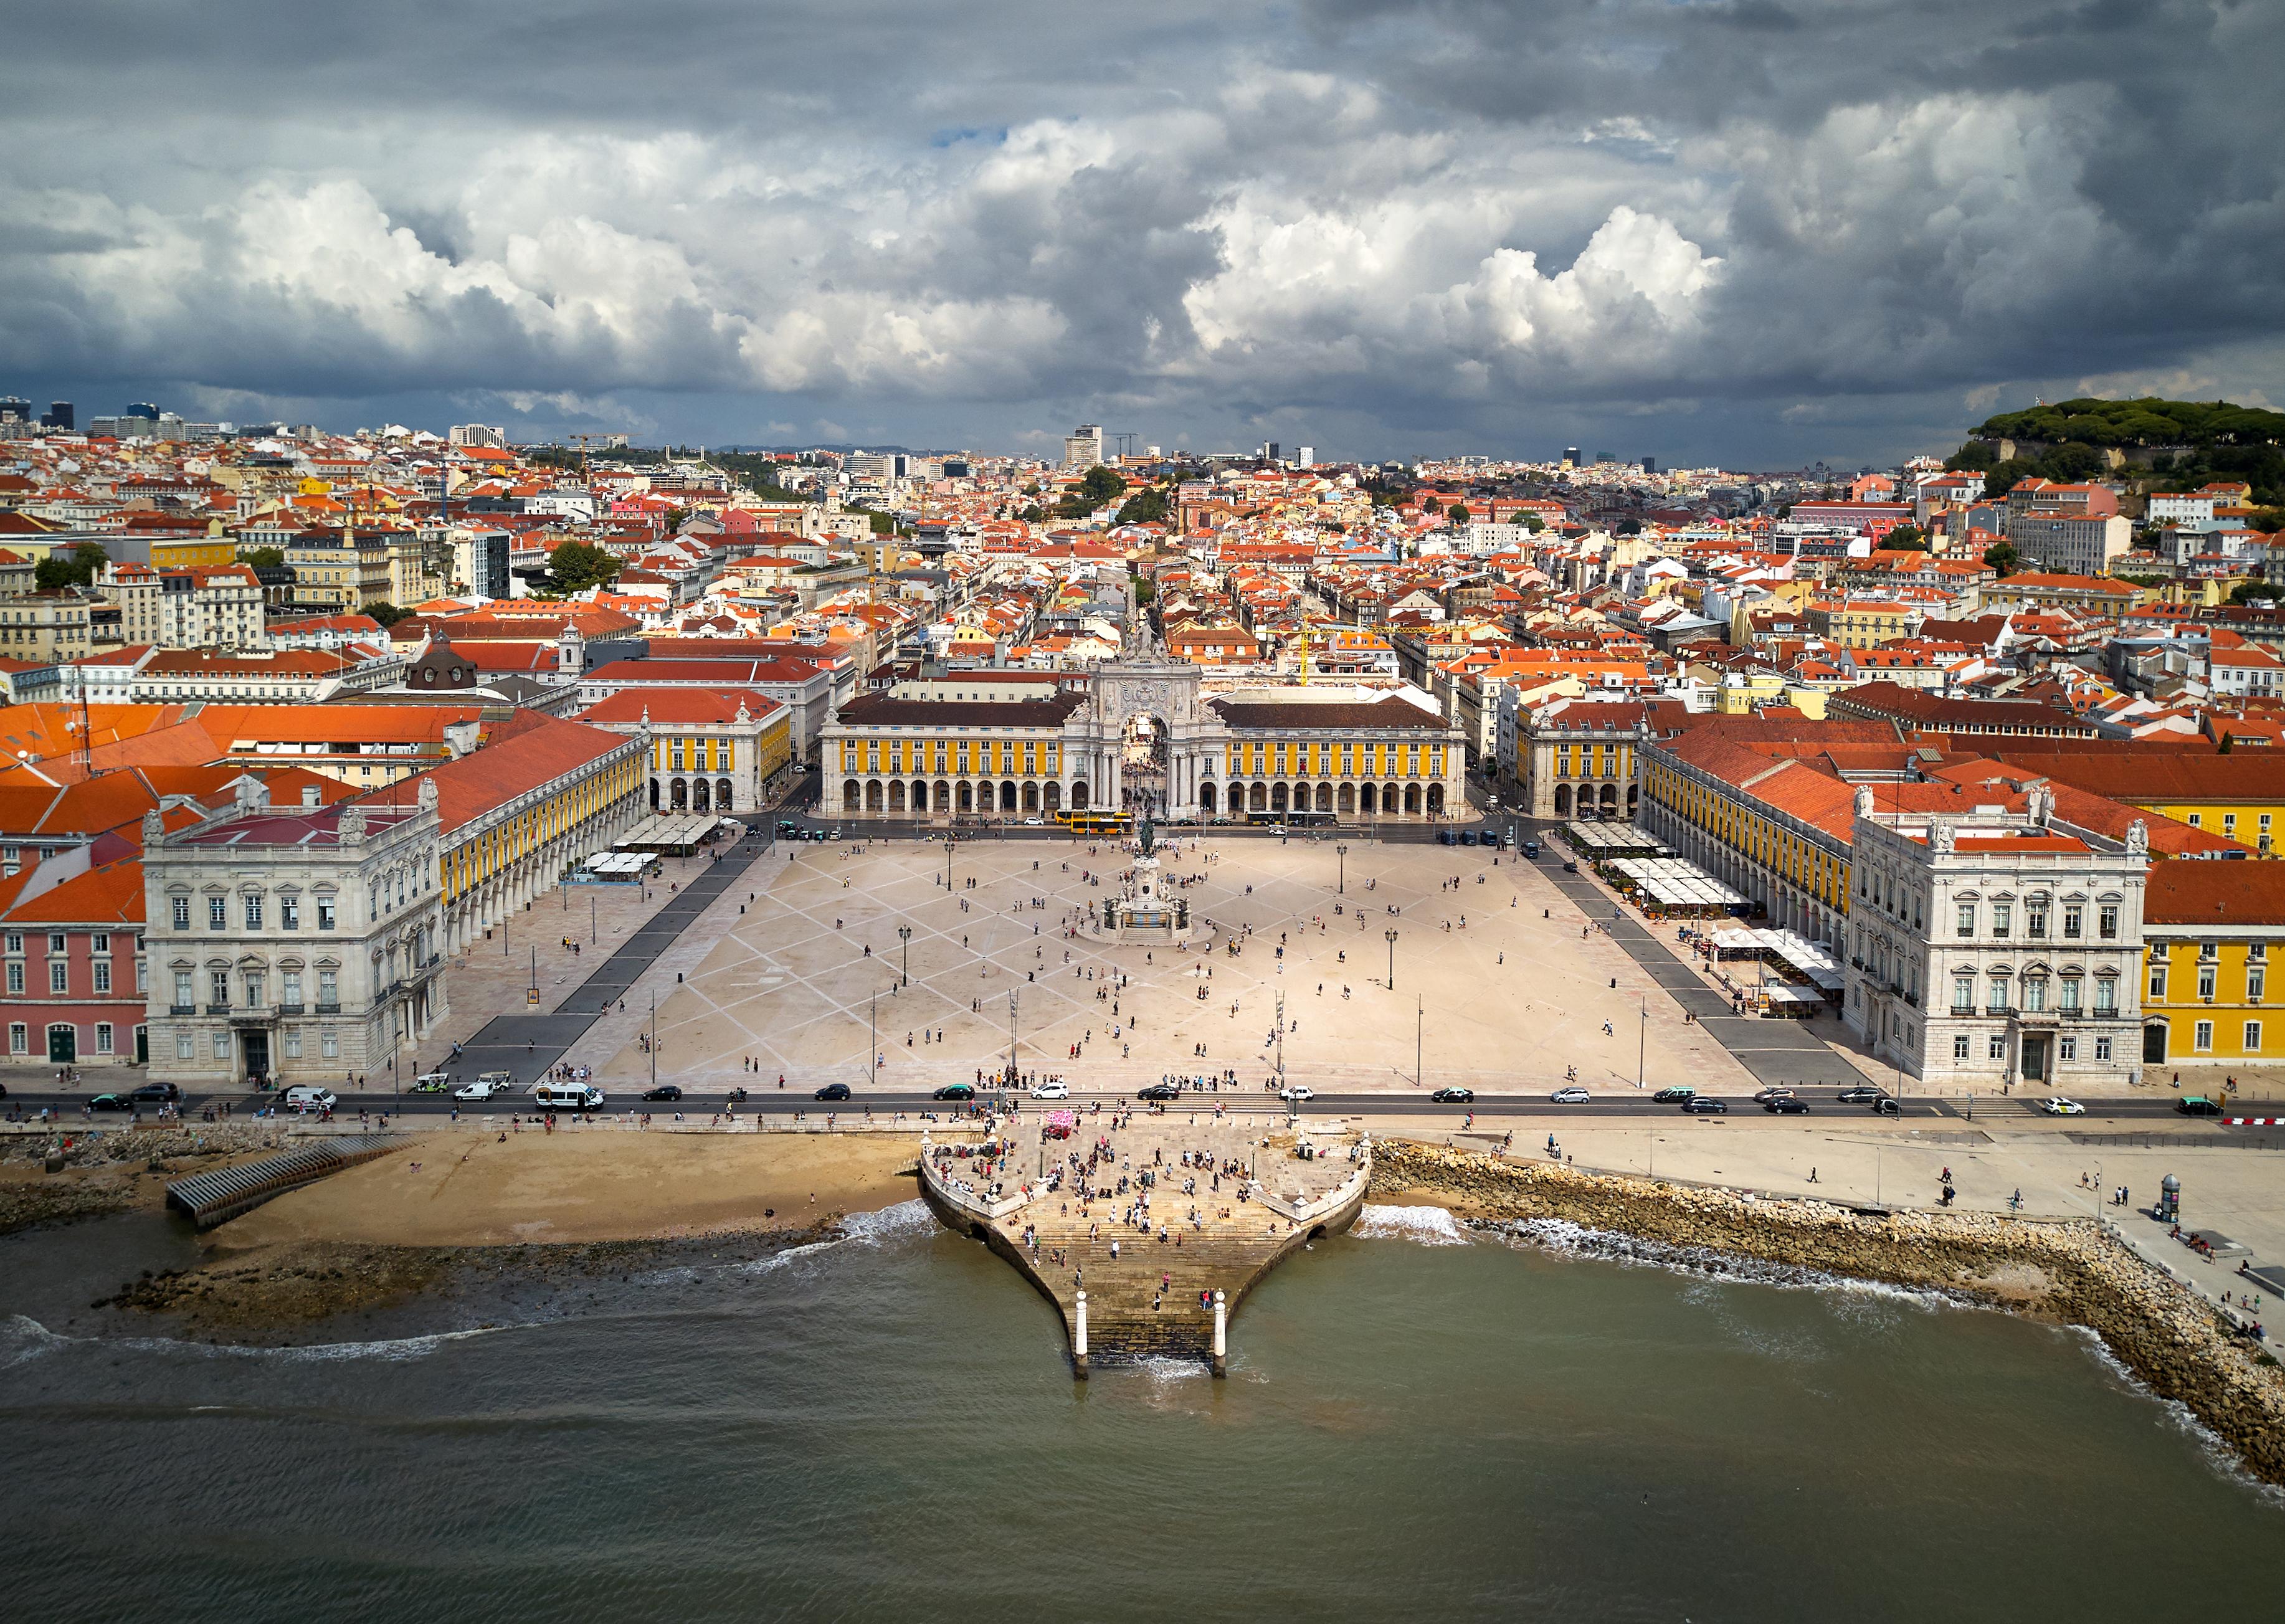 Praça do Comércio, also known as Terreiro do Paço, will be the venue for Eurovision Village for the Eurovision Song Contest 2018 in Lisbon.